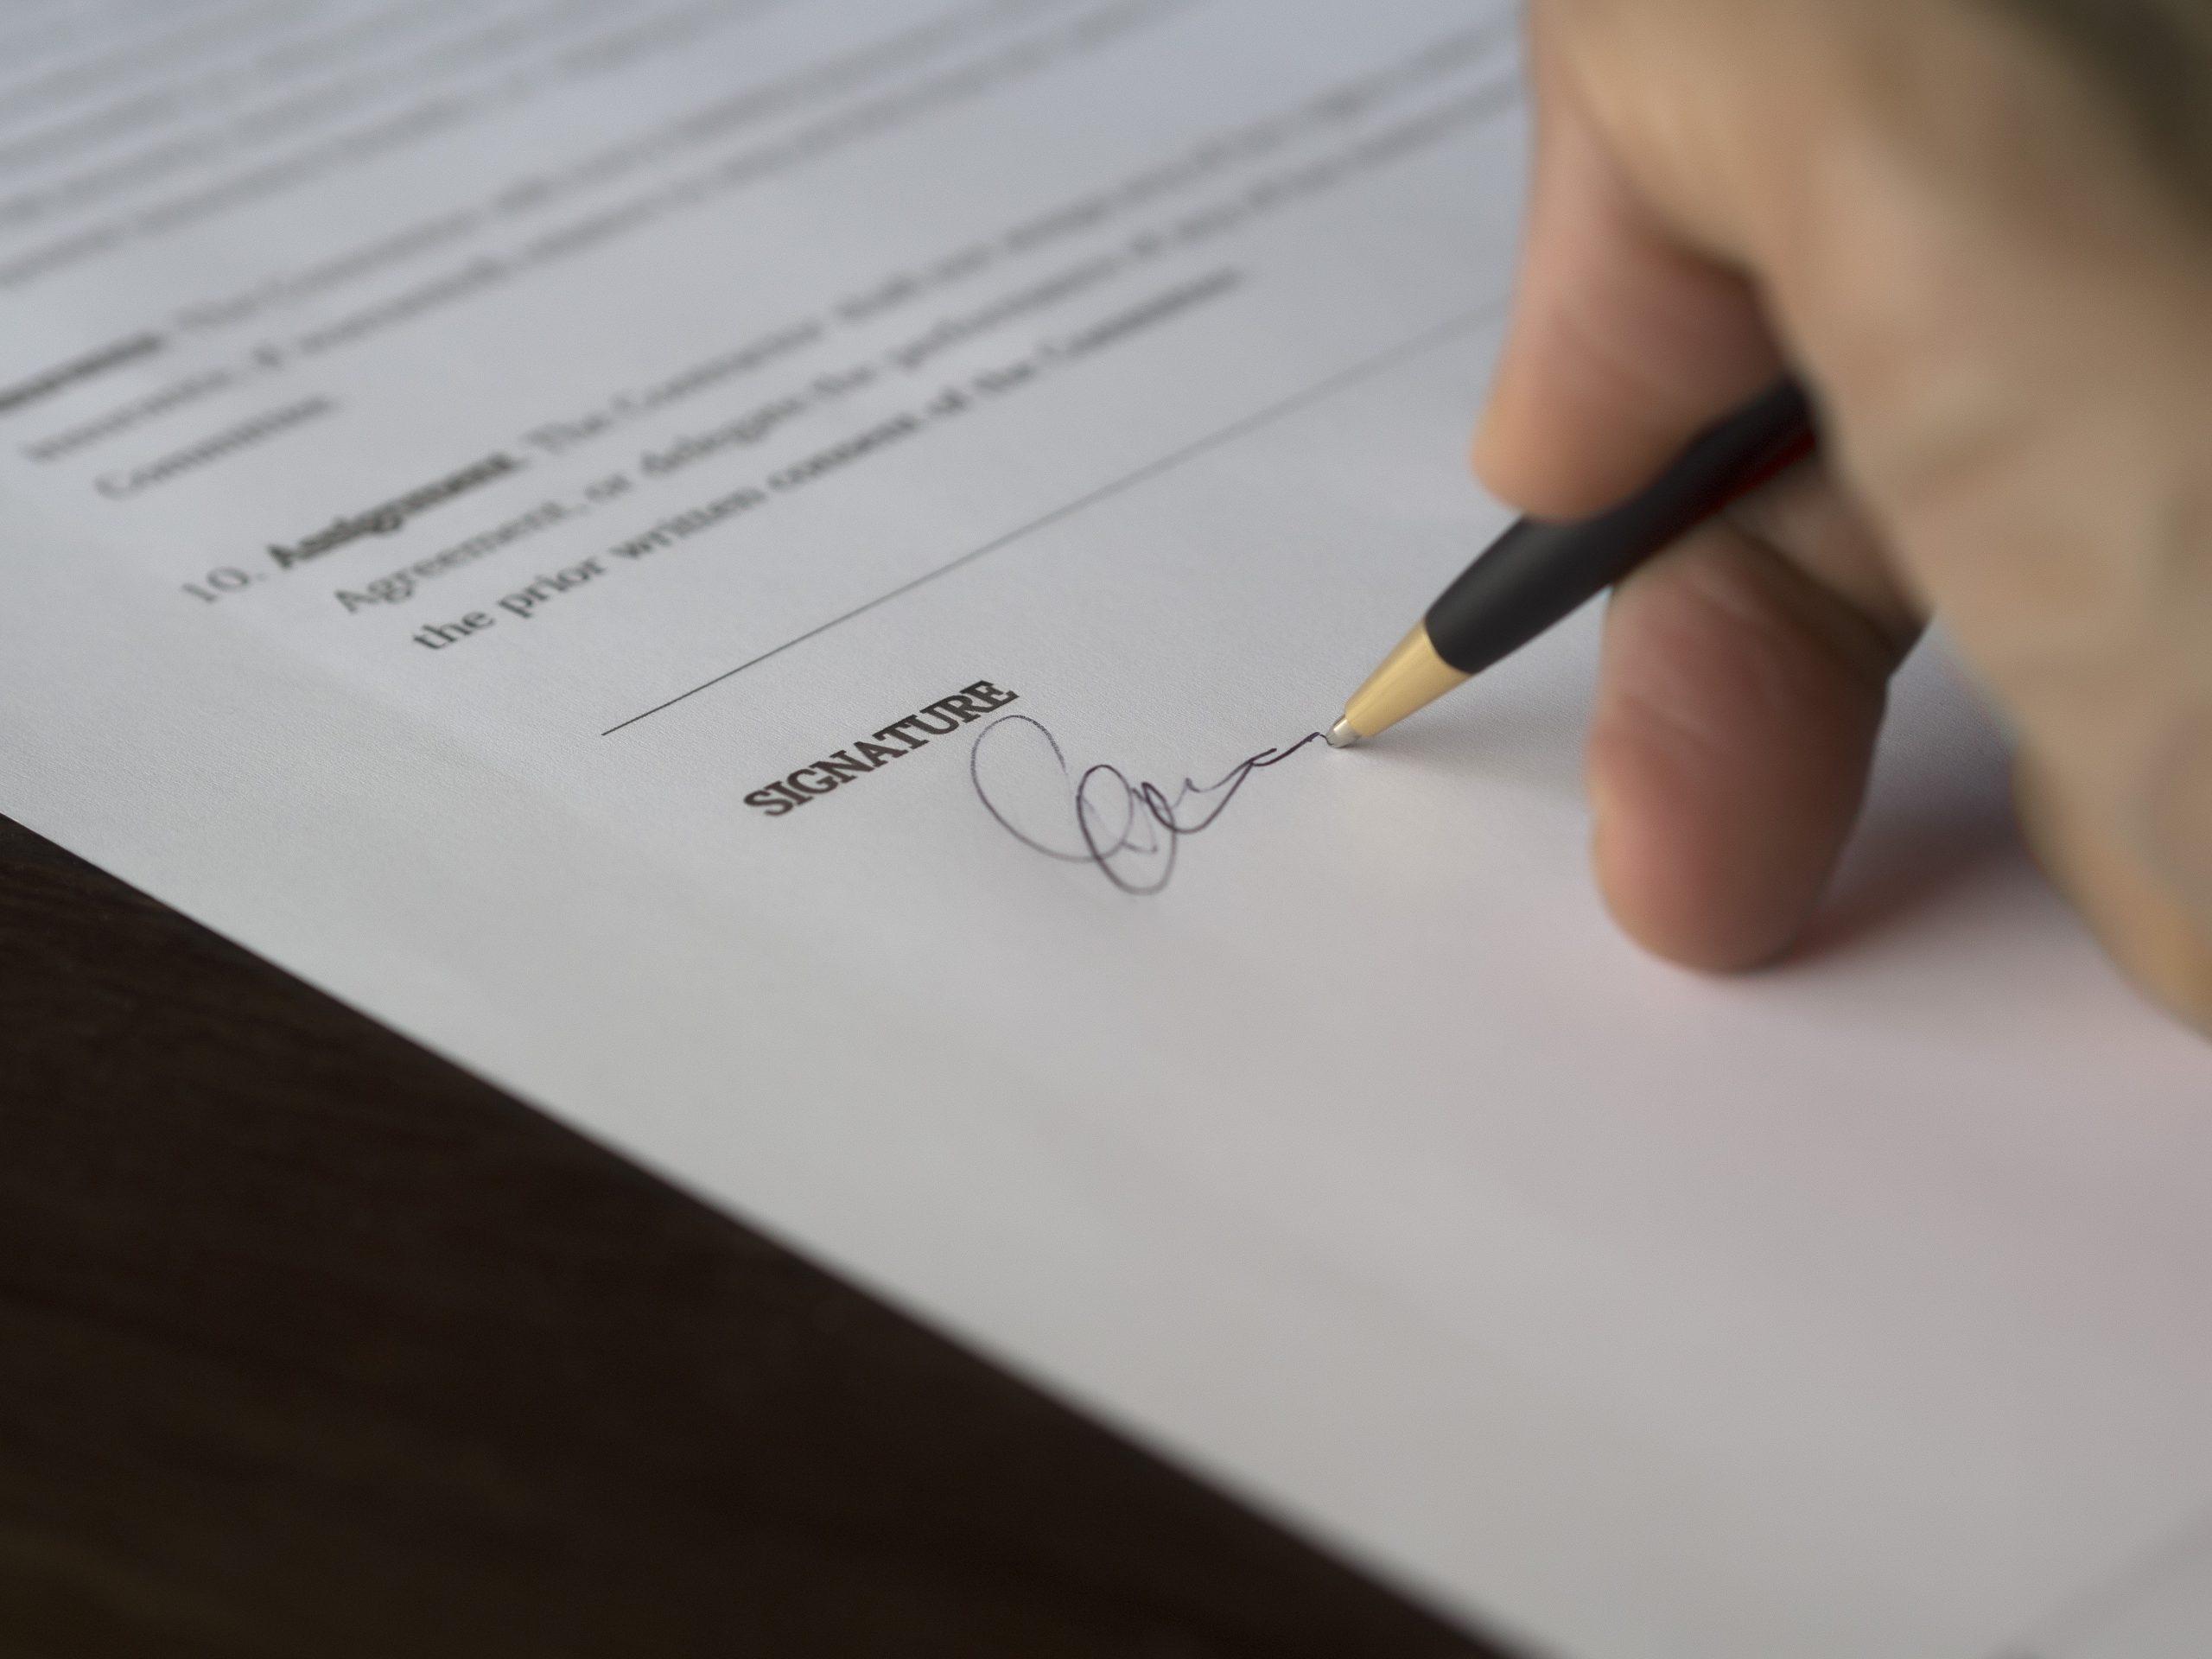 Concurrentiebeding in arbeidsovereenkomst voor bepaalde tijd